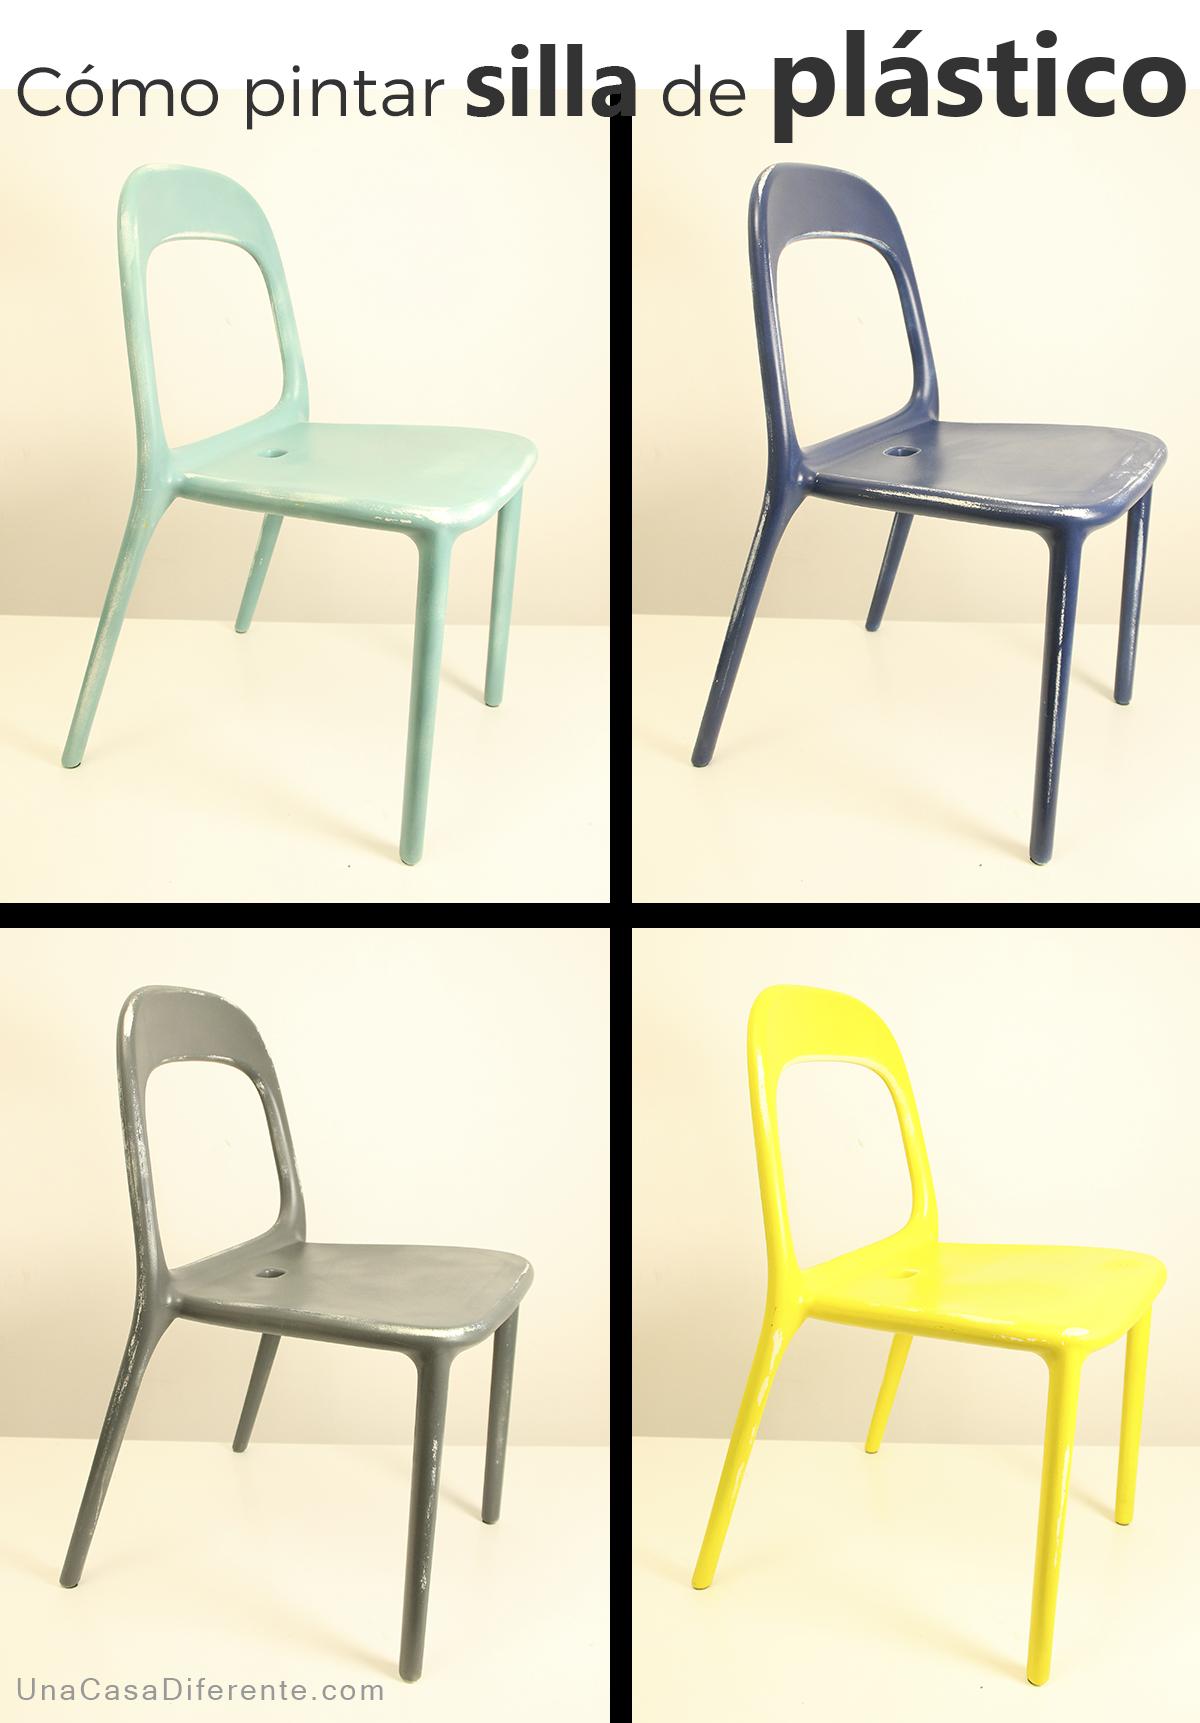 Como pintar silla de plastico ikea hacks diy pinterest - Como limpiar paredes blancas ...